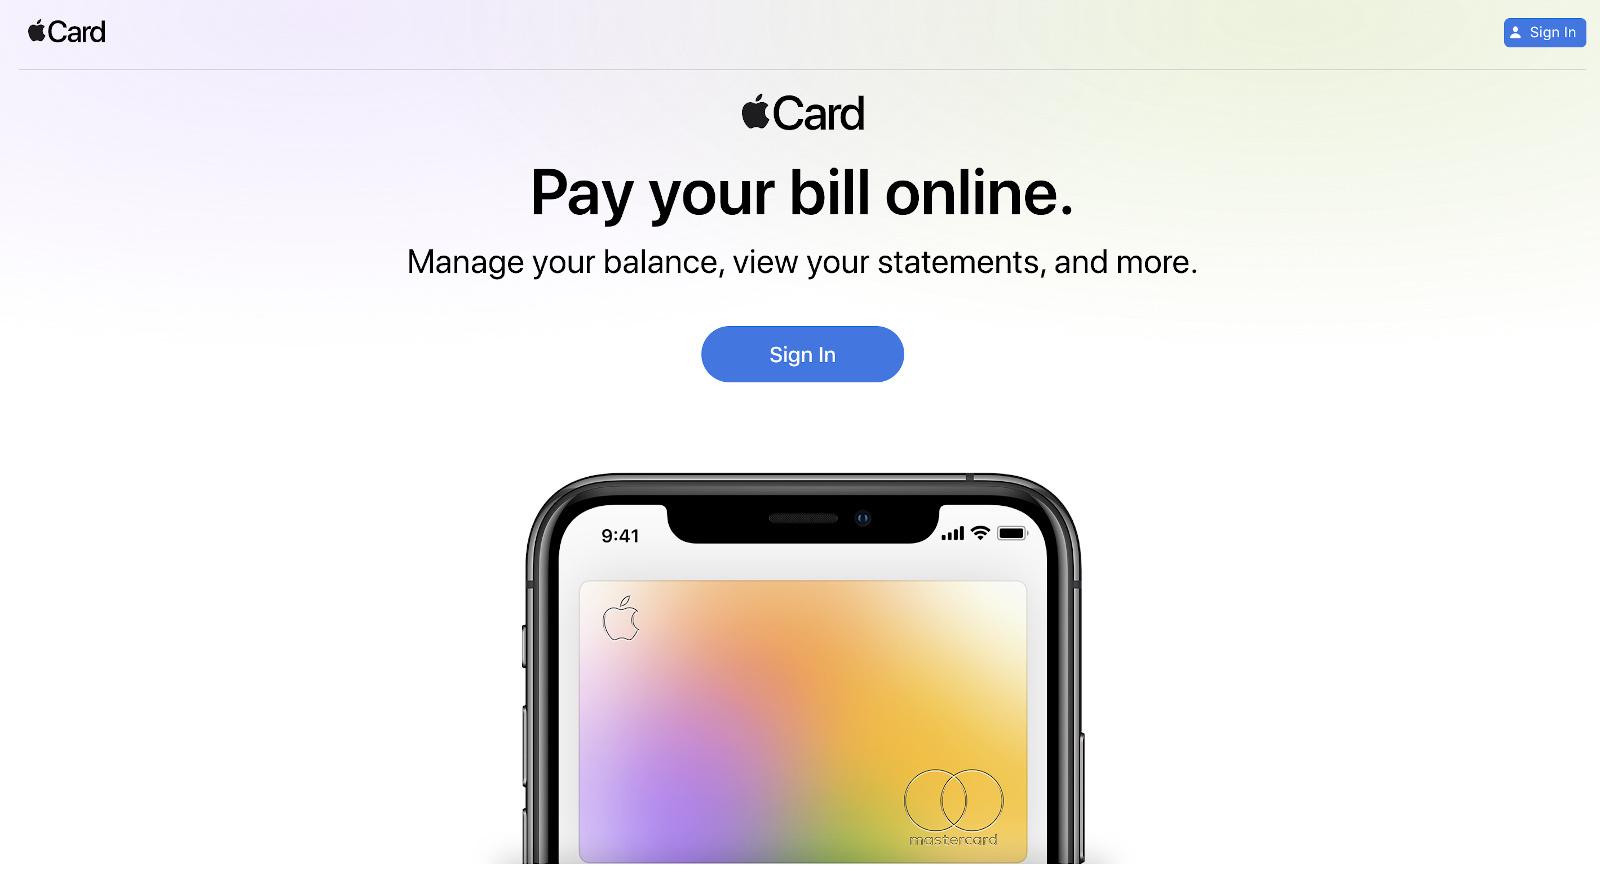 آبل تطلق بوابة إلكترونية لمتابعة معاملات Apple Card على غرار تطبيق المحفظة